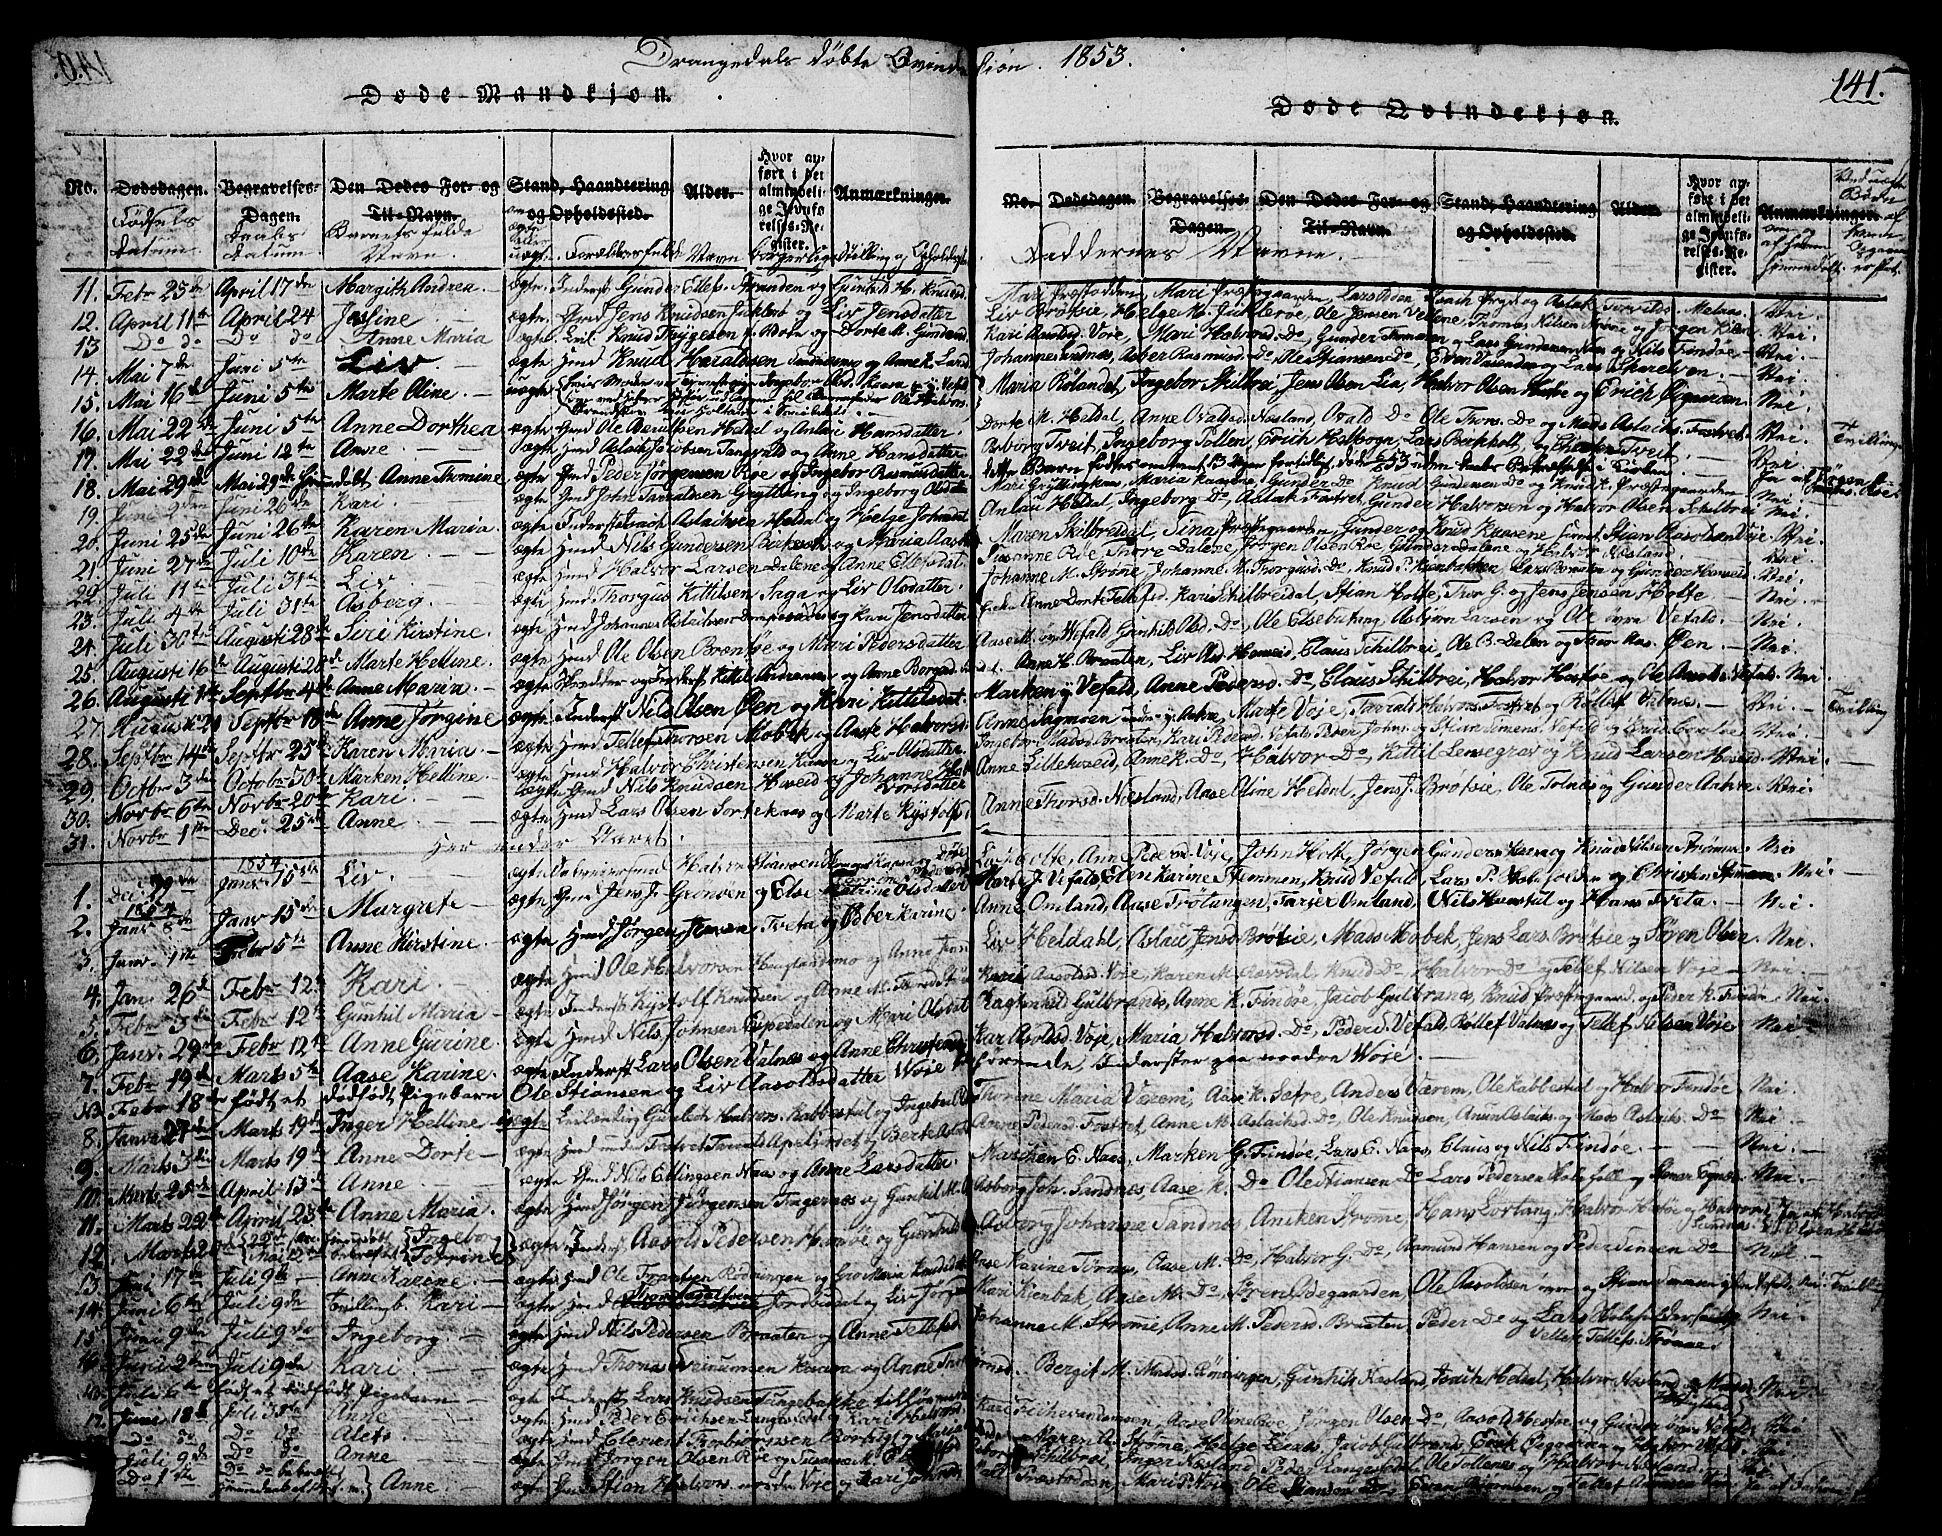 SAKO, Drangedal kirkebøker, G/Ga/L0001: Klokkerbok nr. I 1 /1, 1814-1856, s. 141